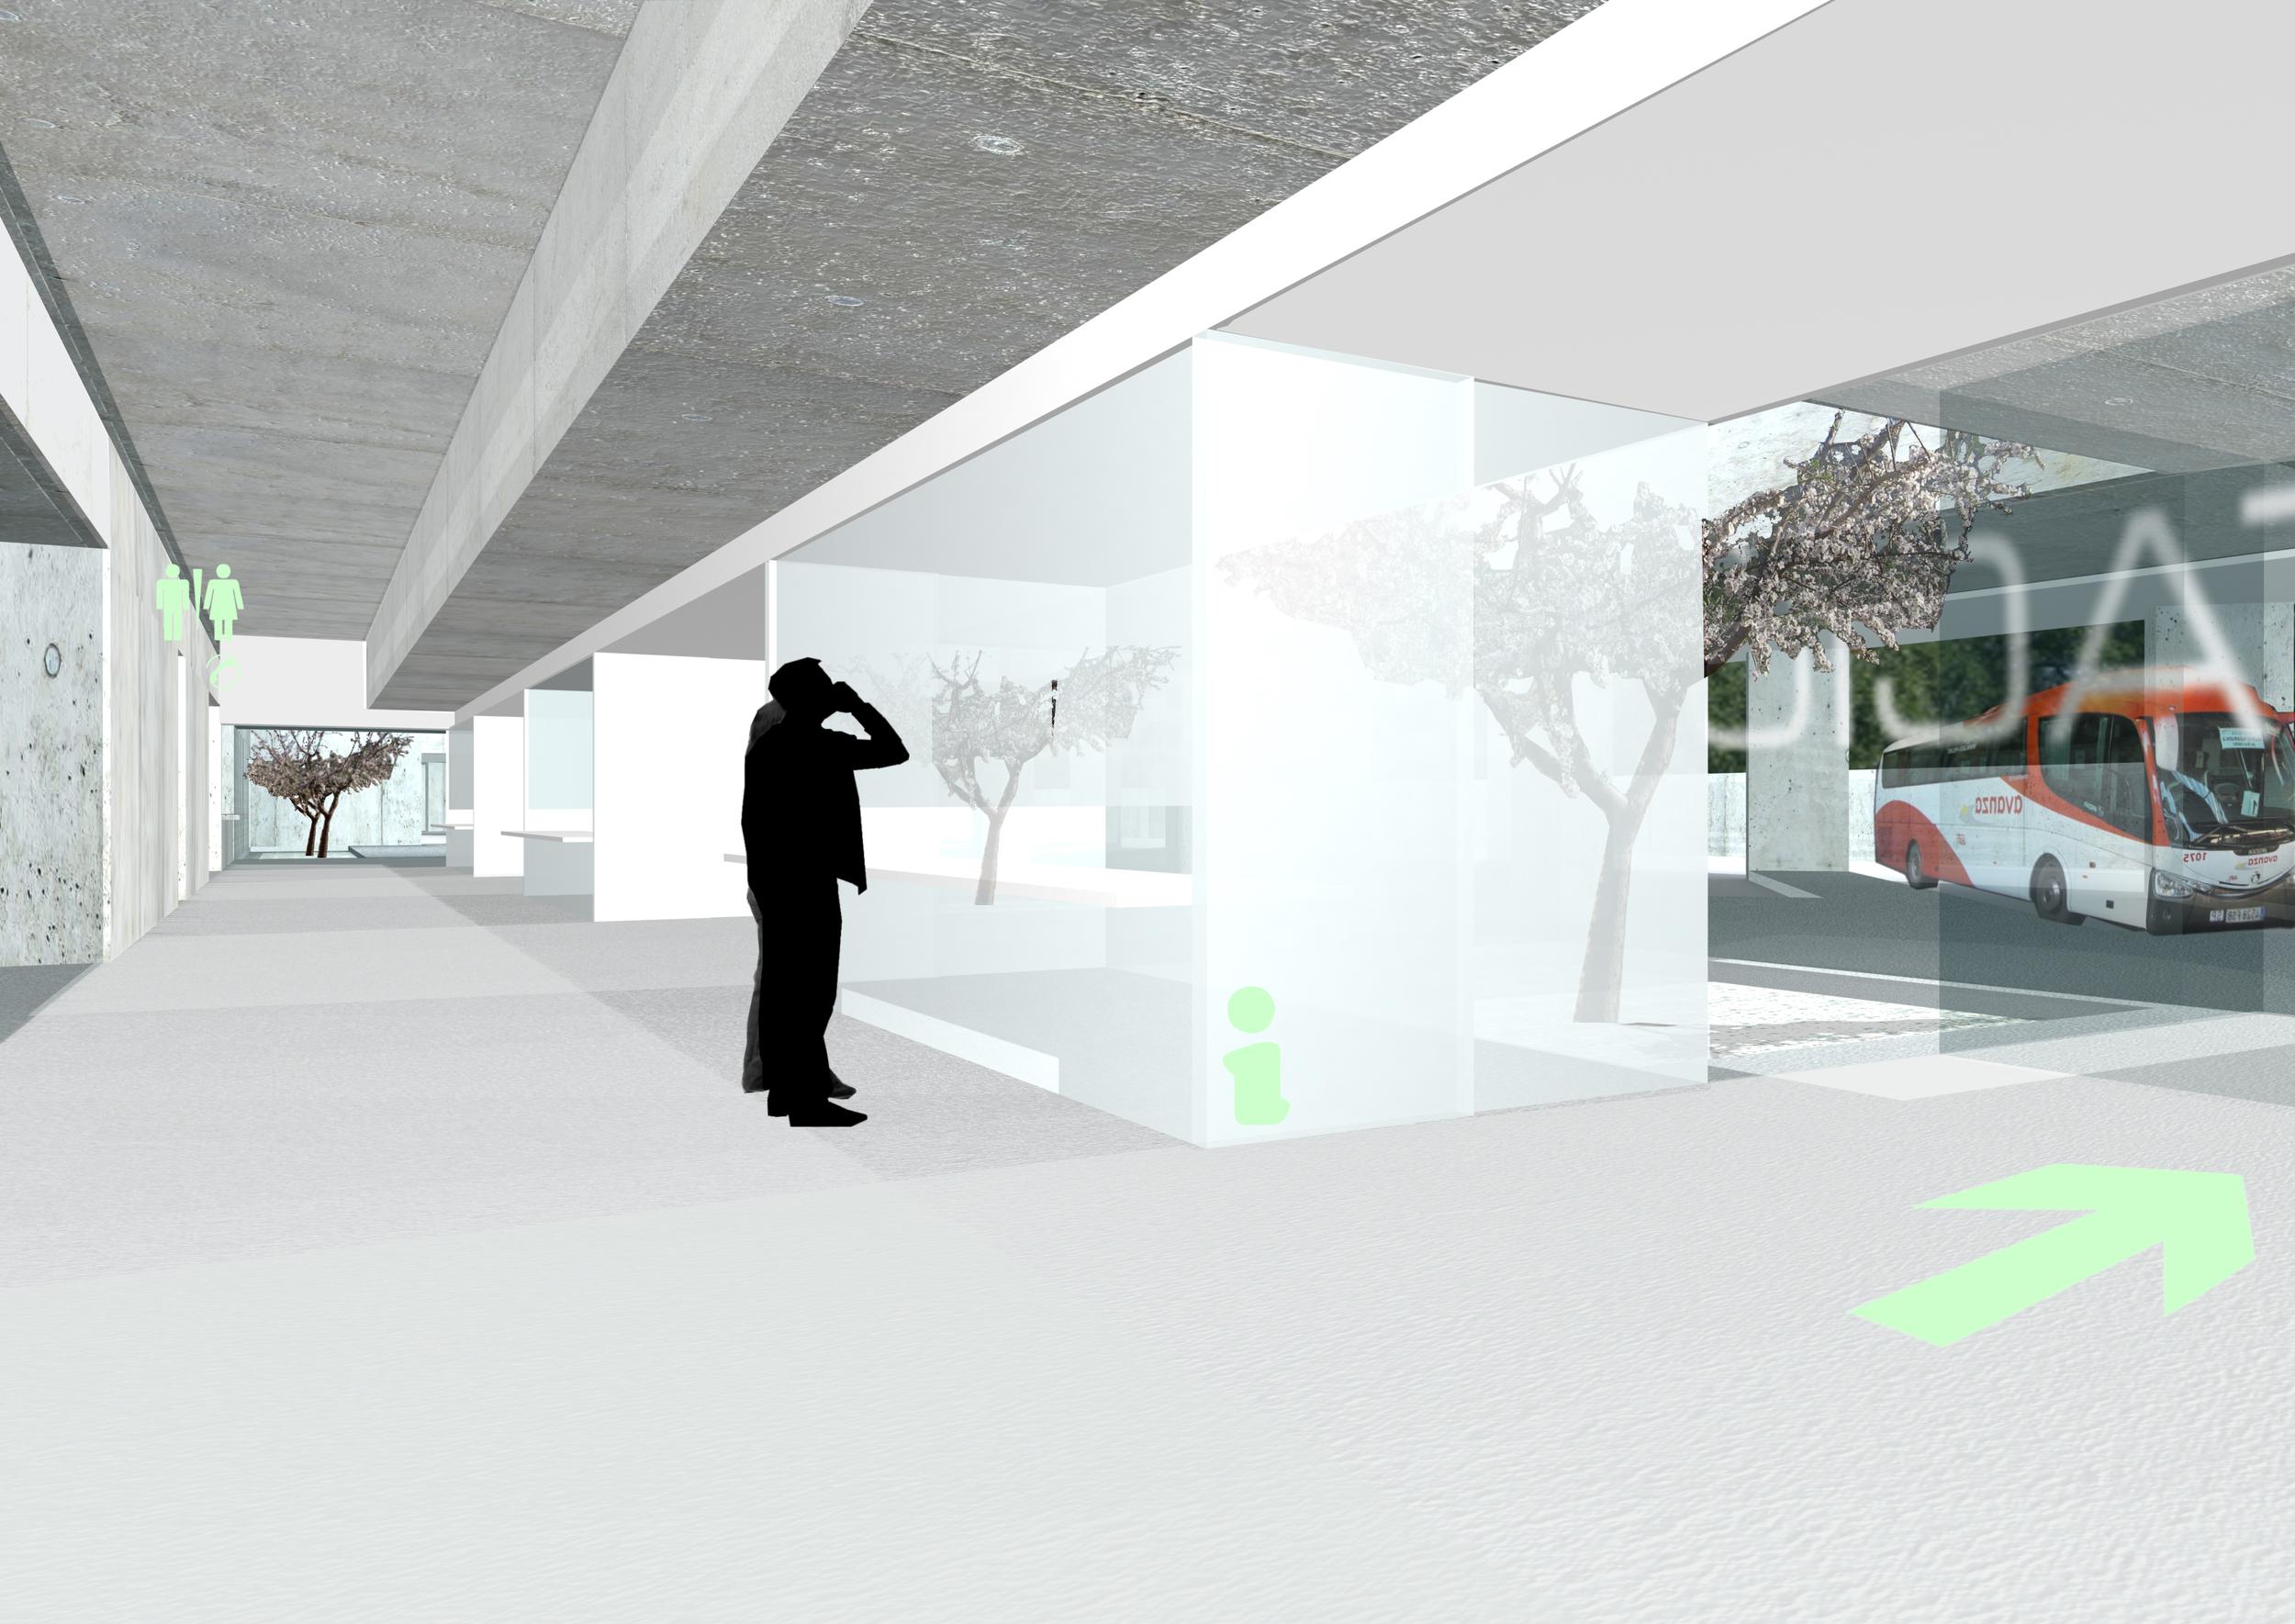 montaje vestibulo interior 1.jpg